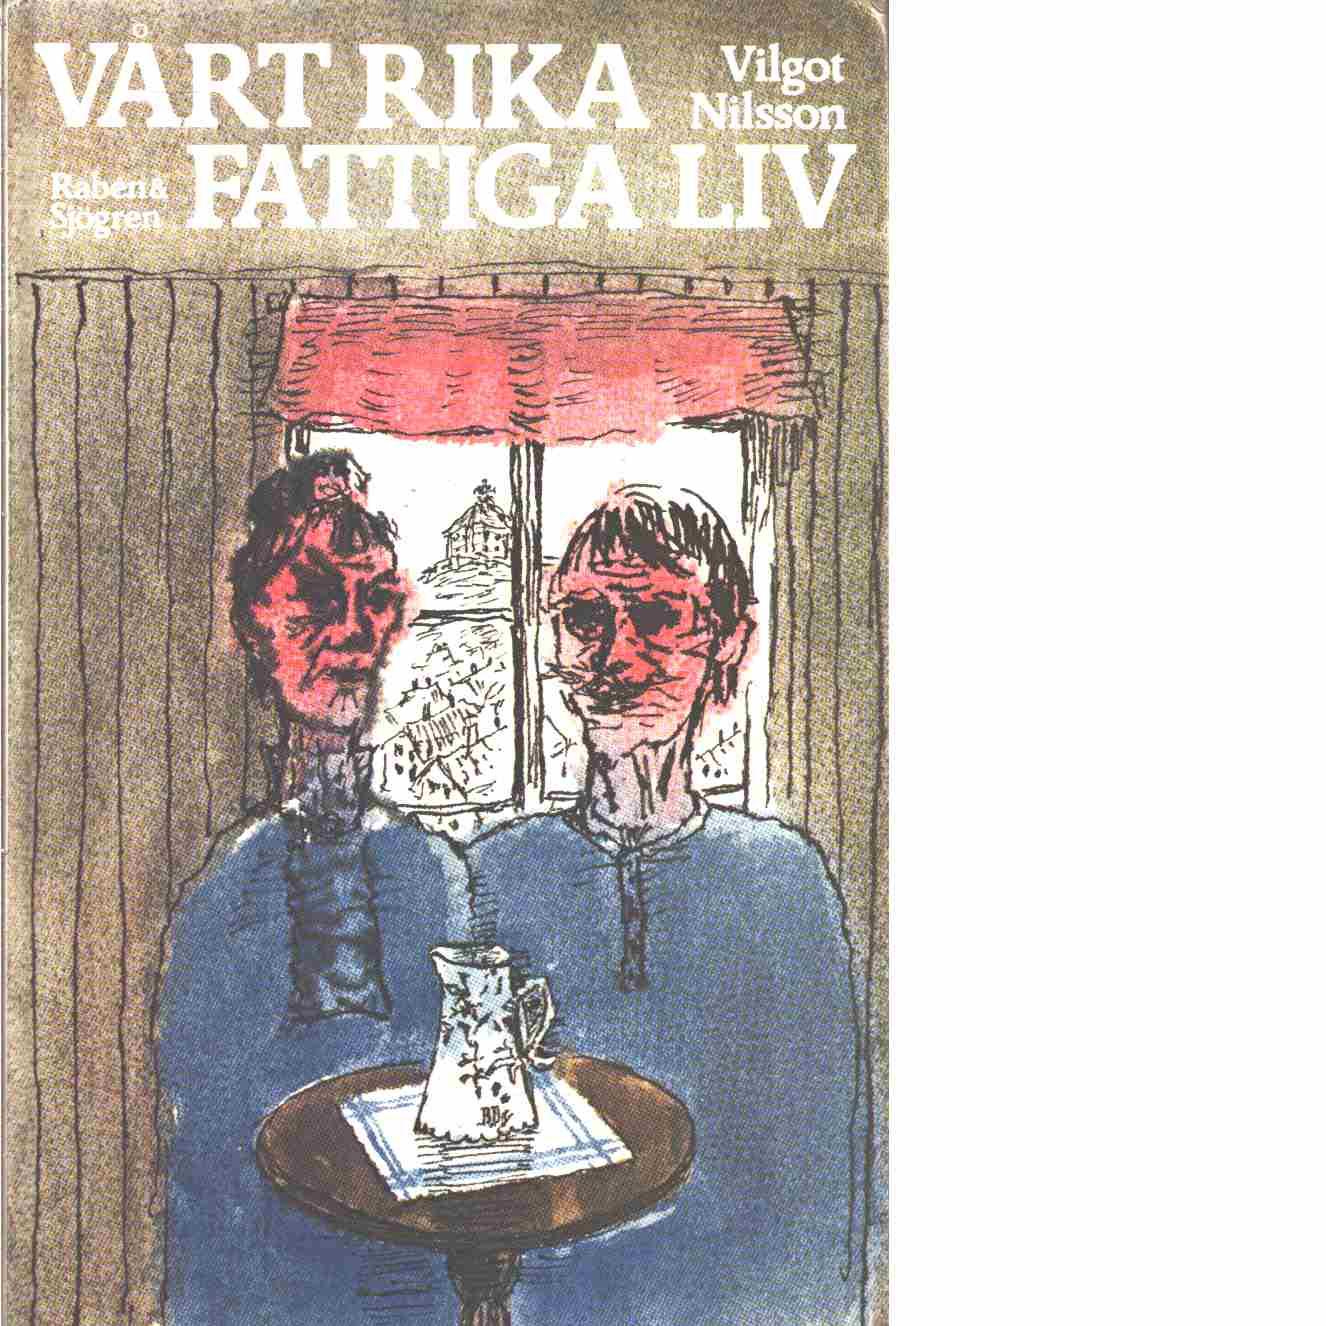 Vårt rika fattiga liv  - Nilsson, Vilgot